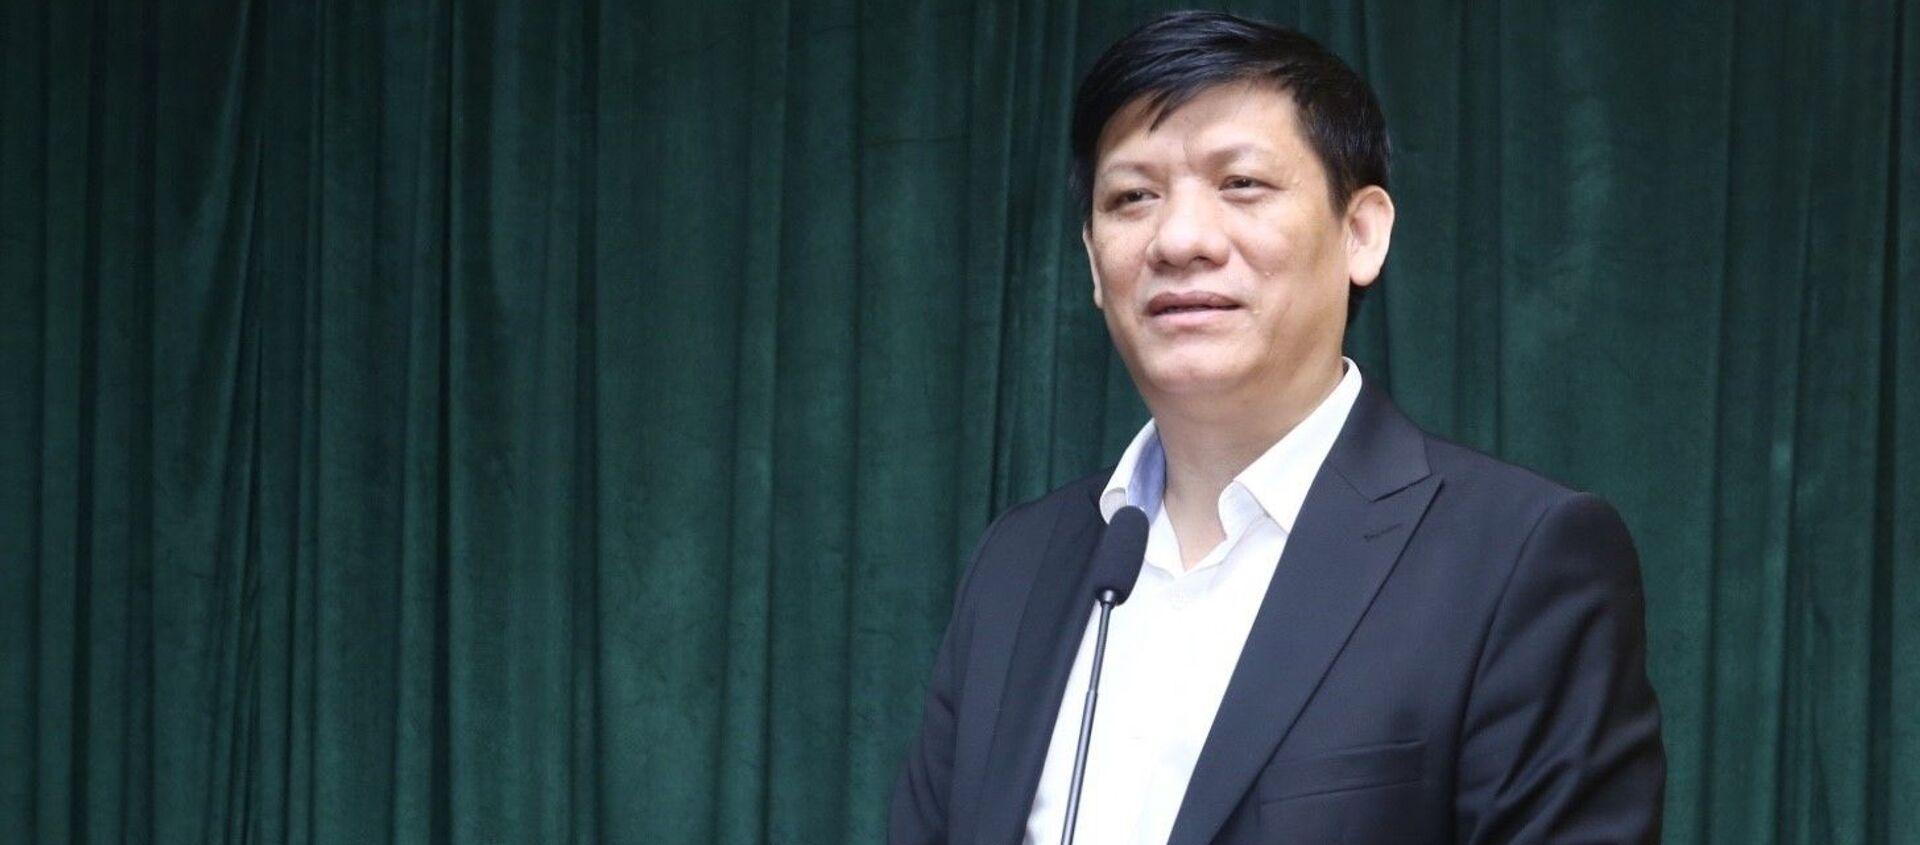 Thứ trưởng Bộ Y tế Nguyễn Thanh Long phát biểu - Sputnik Việt Nam, 1920, 15.03.2020